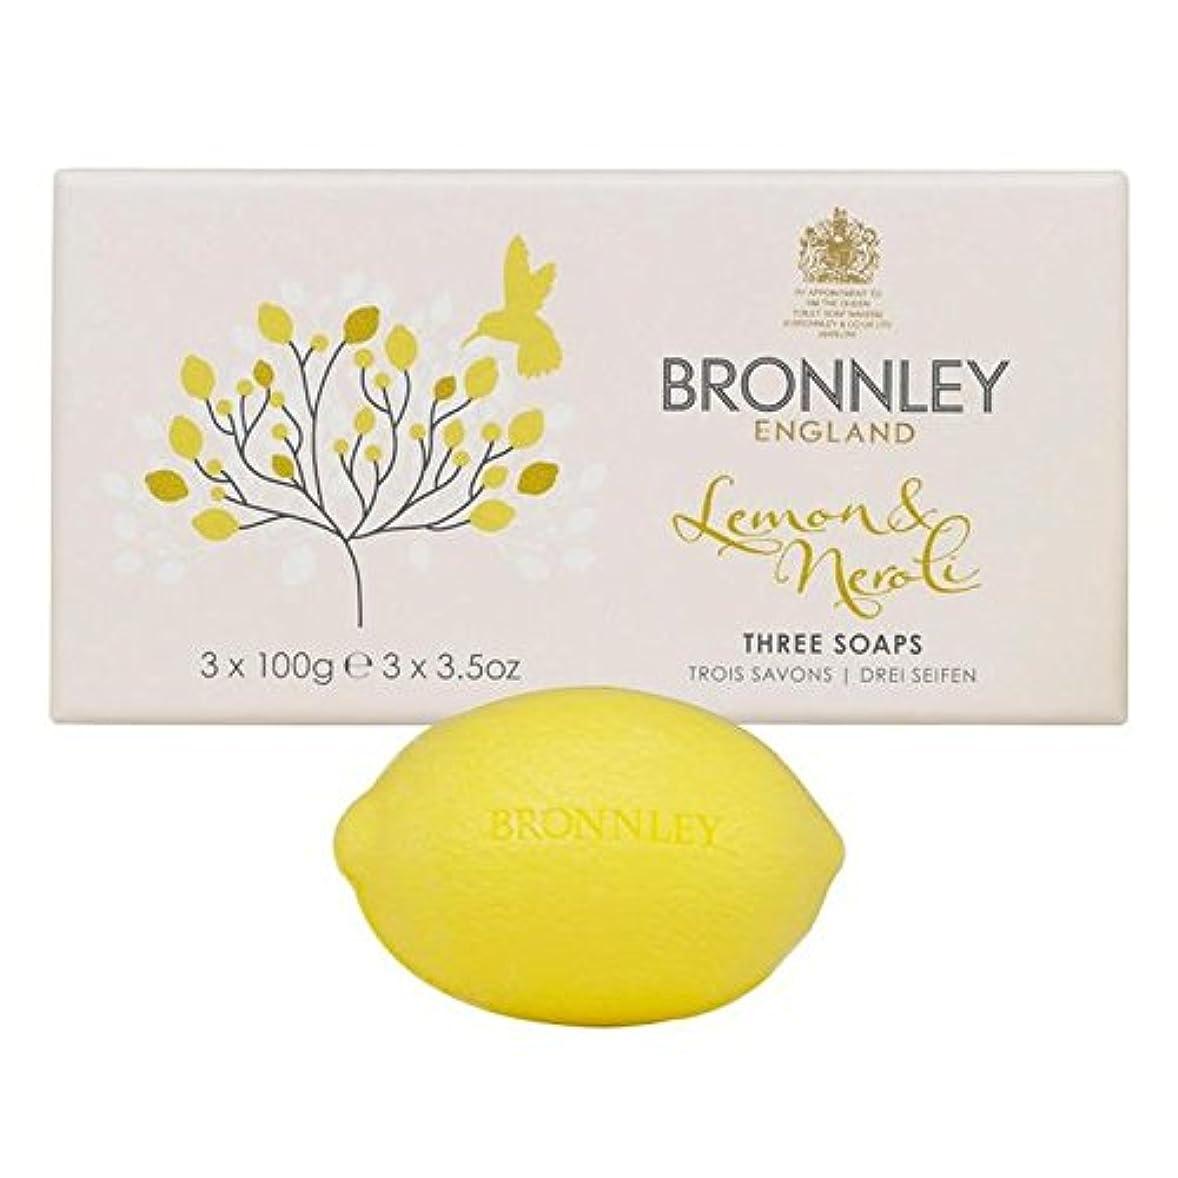 コンドームキウイ博覧会Bronnley Lemon & Neroli Soaps 3 x 100g (Pack of 6) - レモン&ネロリ石鹸3×100グラム x6 [並行輸入品]